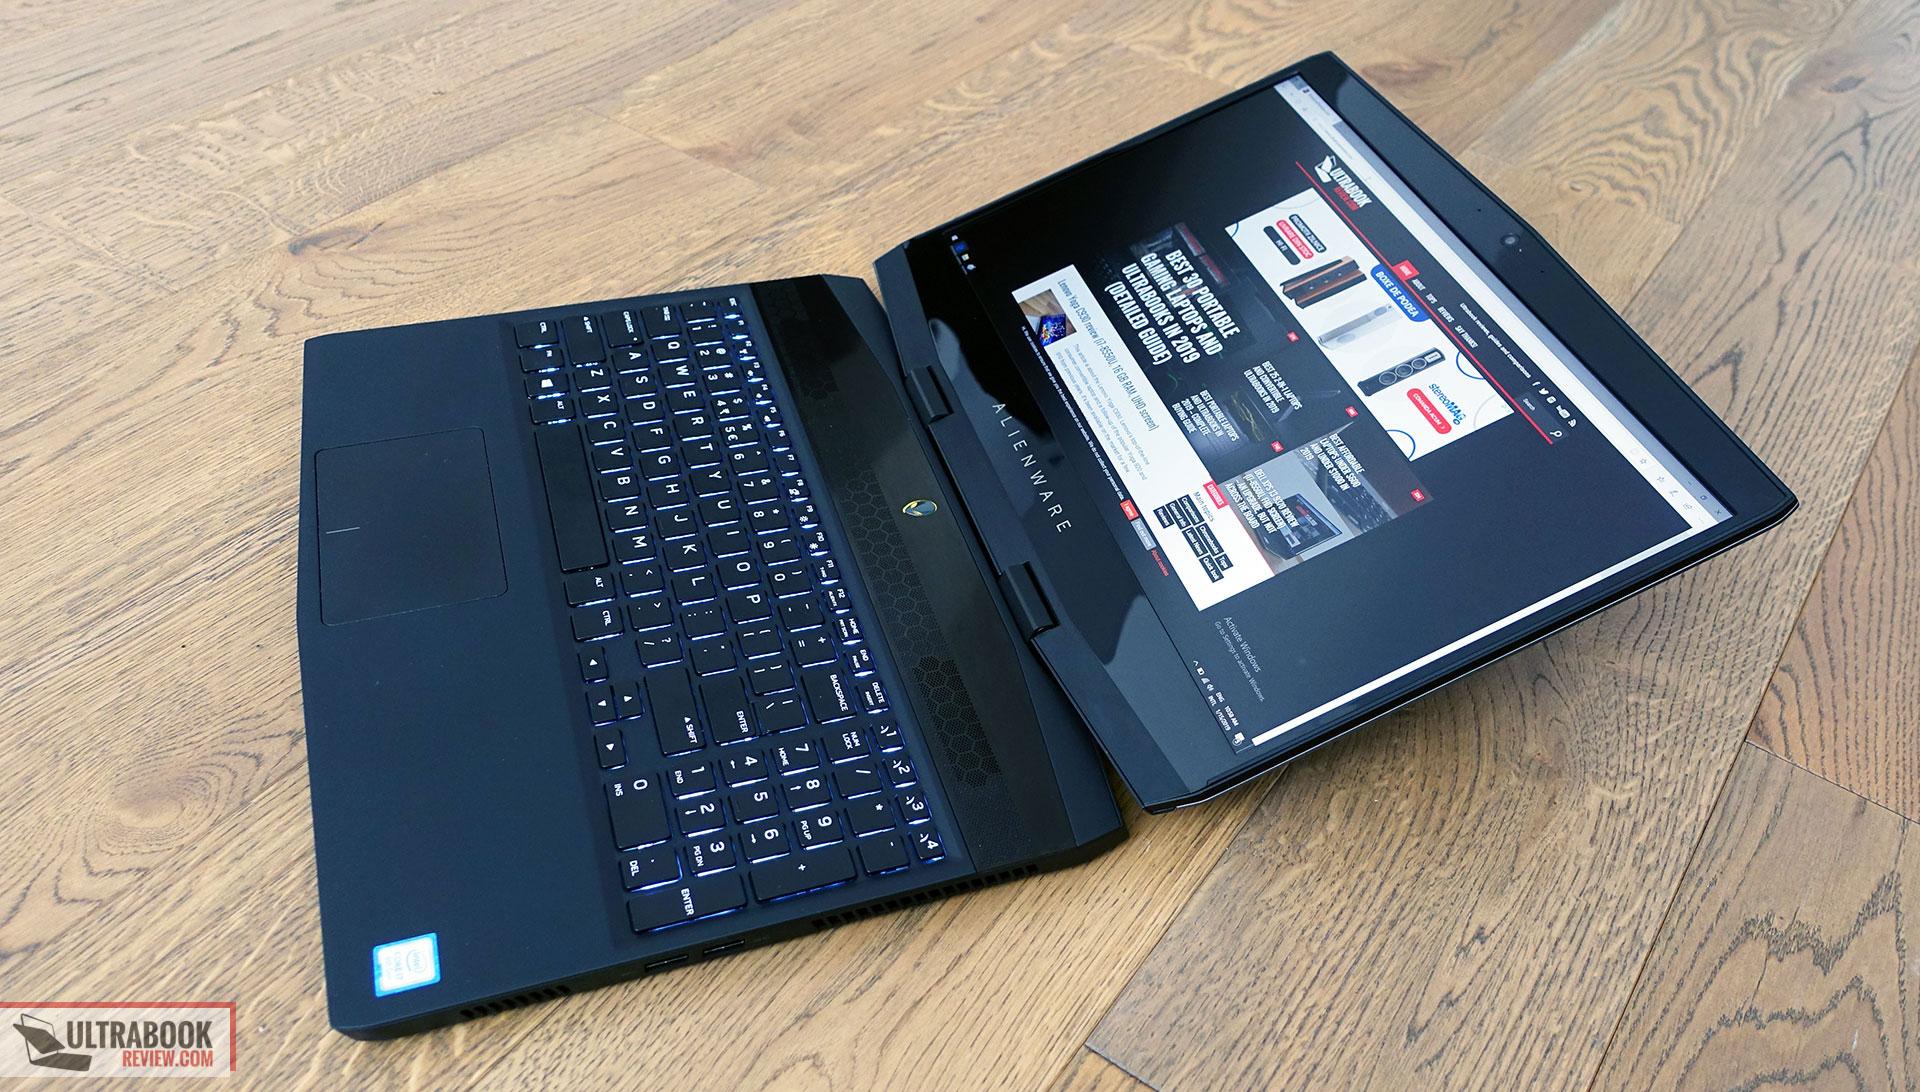 Alienware m15 Review (i7-8750H, GTX 1070 Max-Q, UHD screen